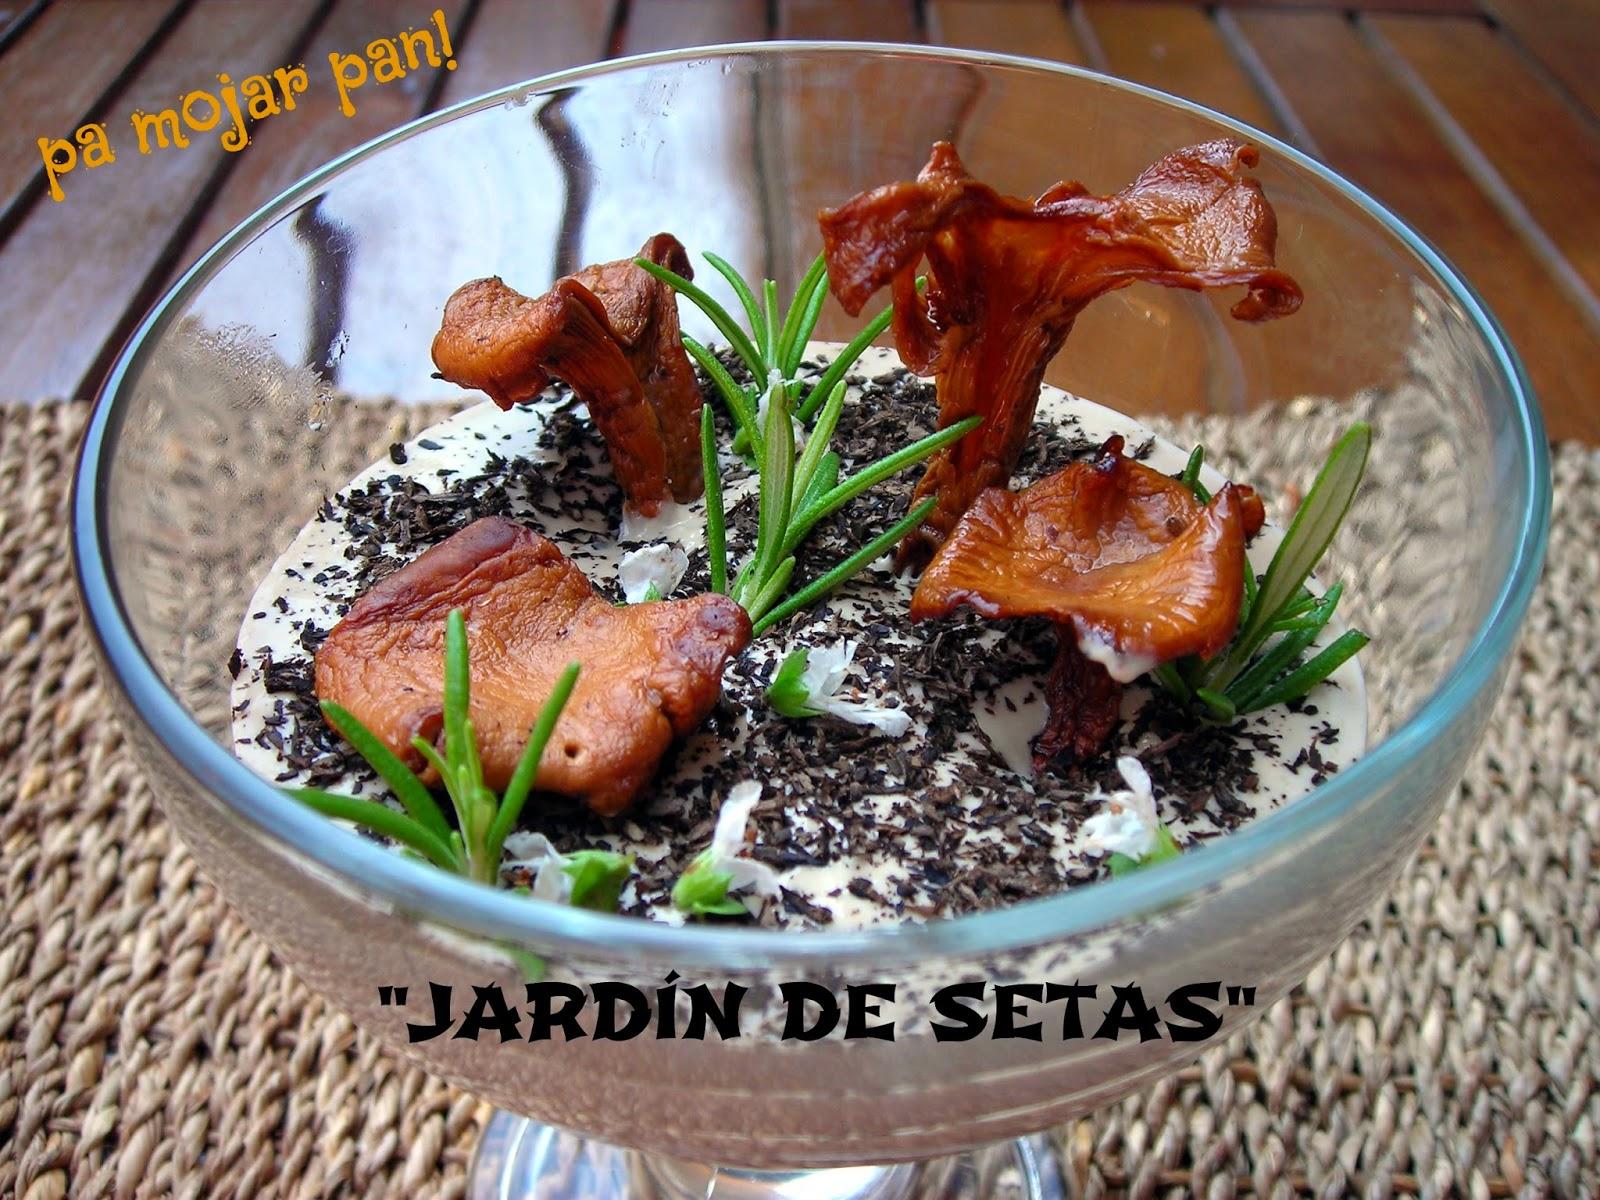 Pa mojar pan jard n de setas for Jardin de setas